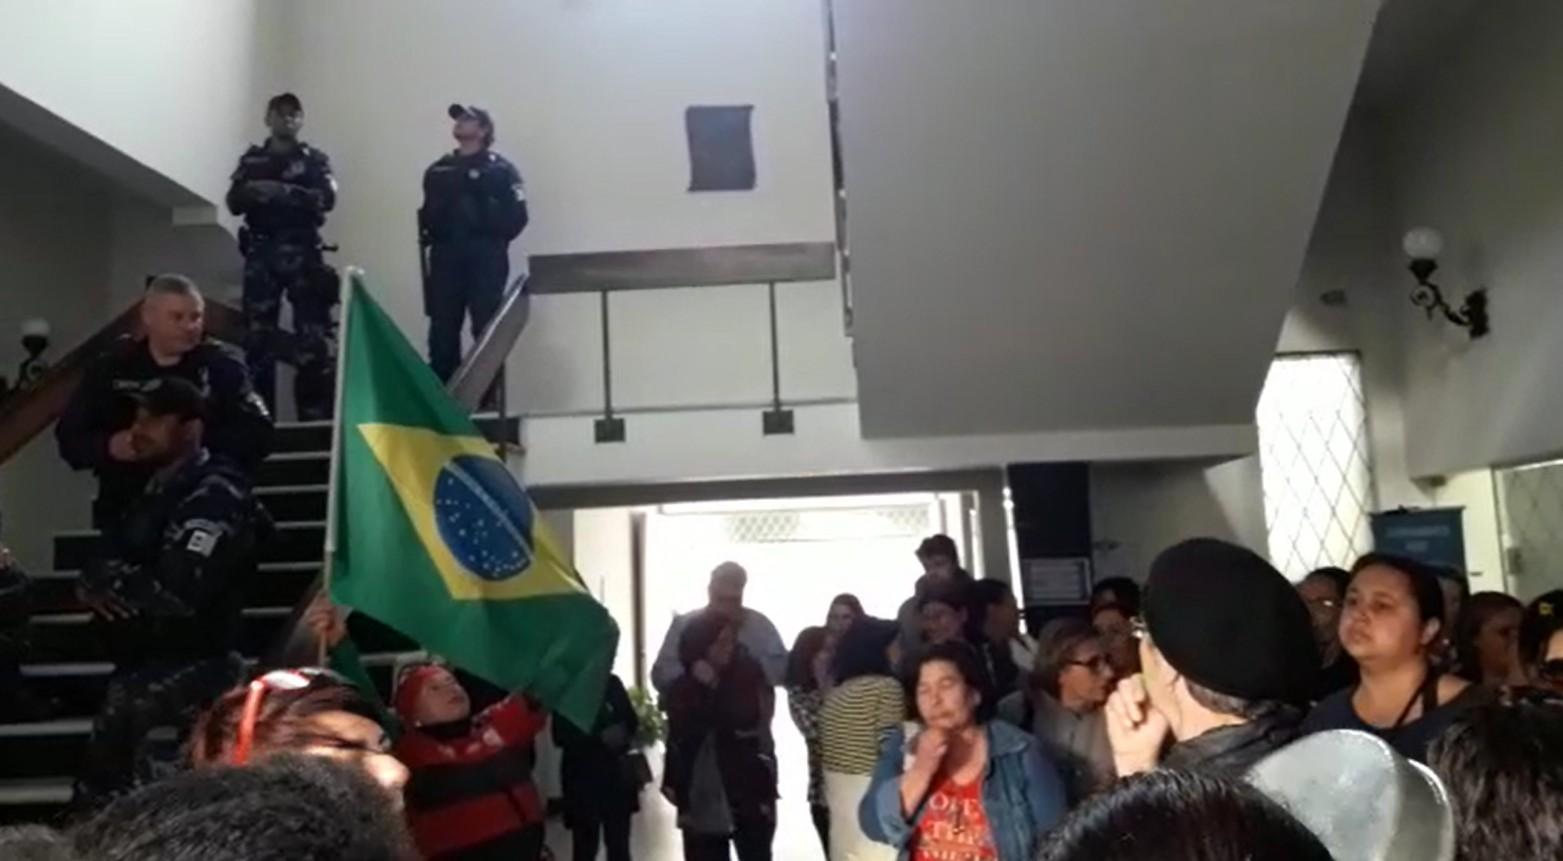 Servidores da Educação fazem protesto dentro da Prefeitura de Nova Friburgo, no RJ - Notícias - Plantão Diário